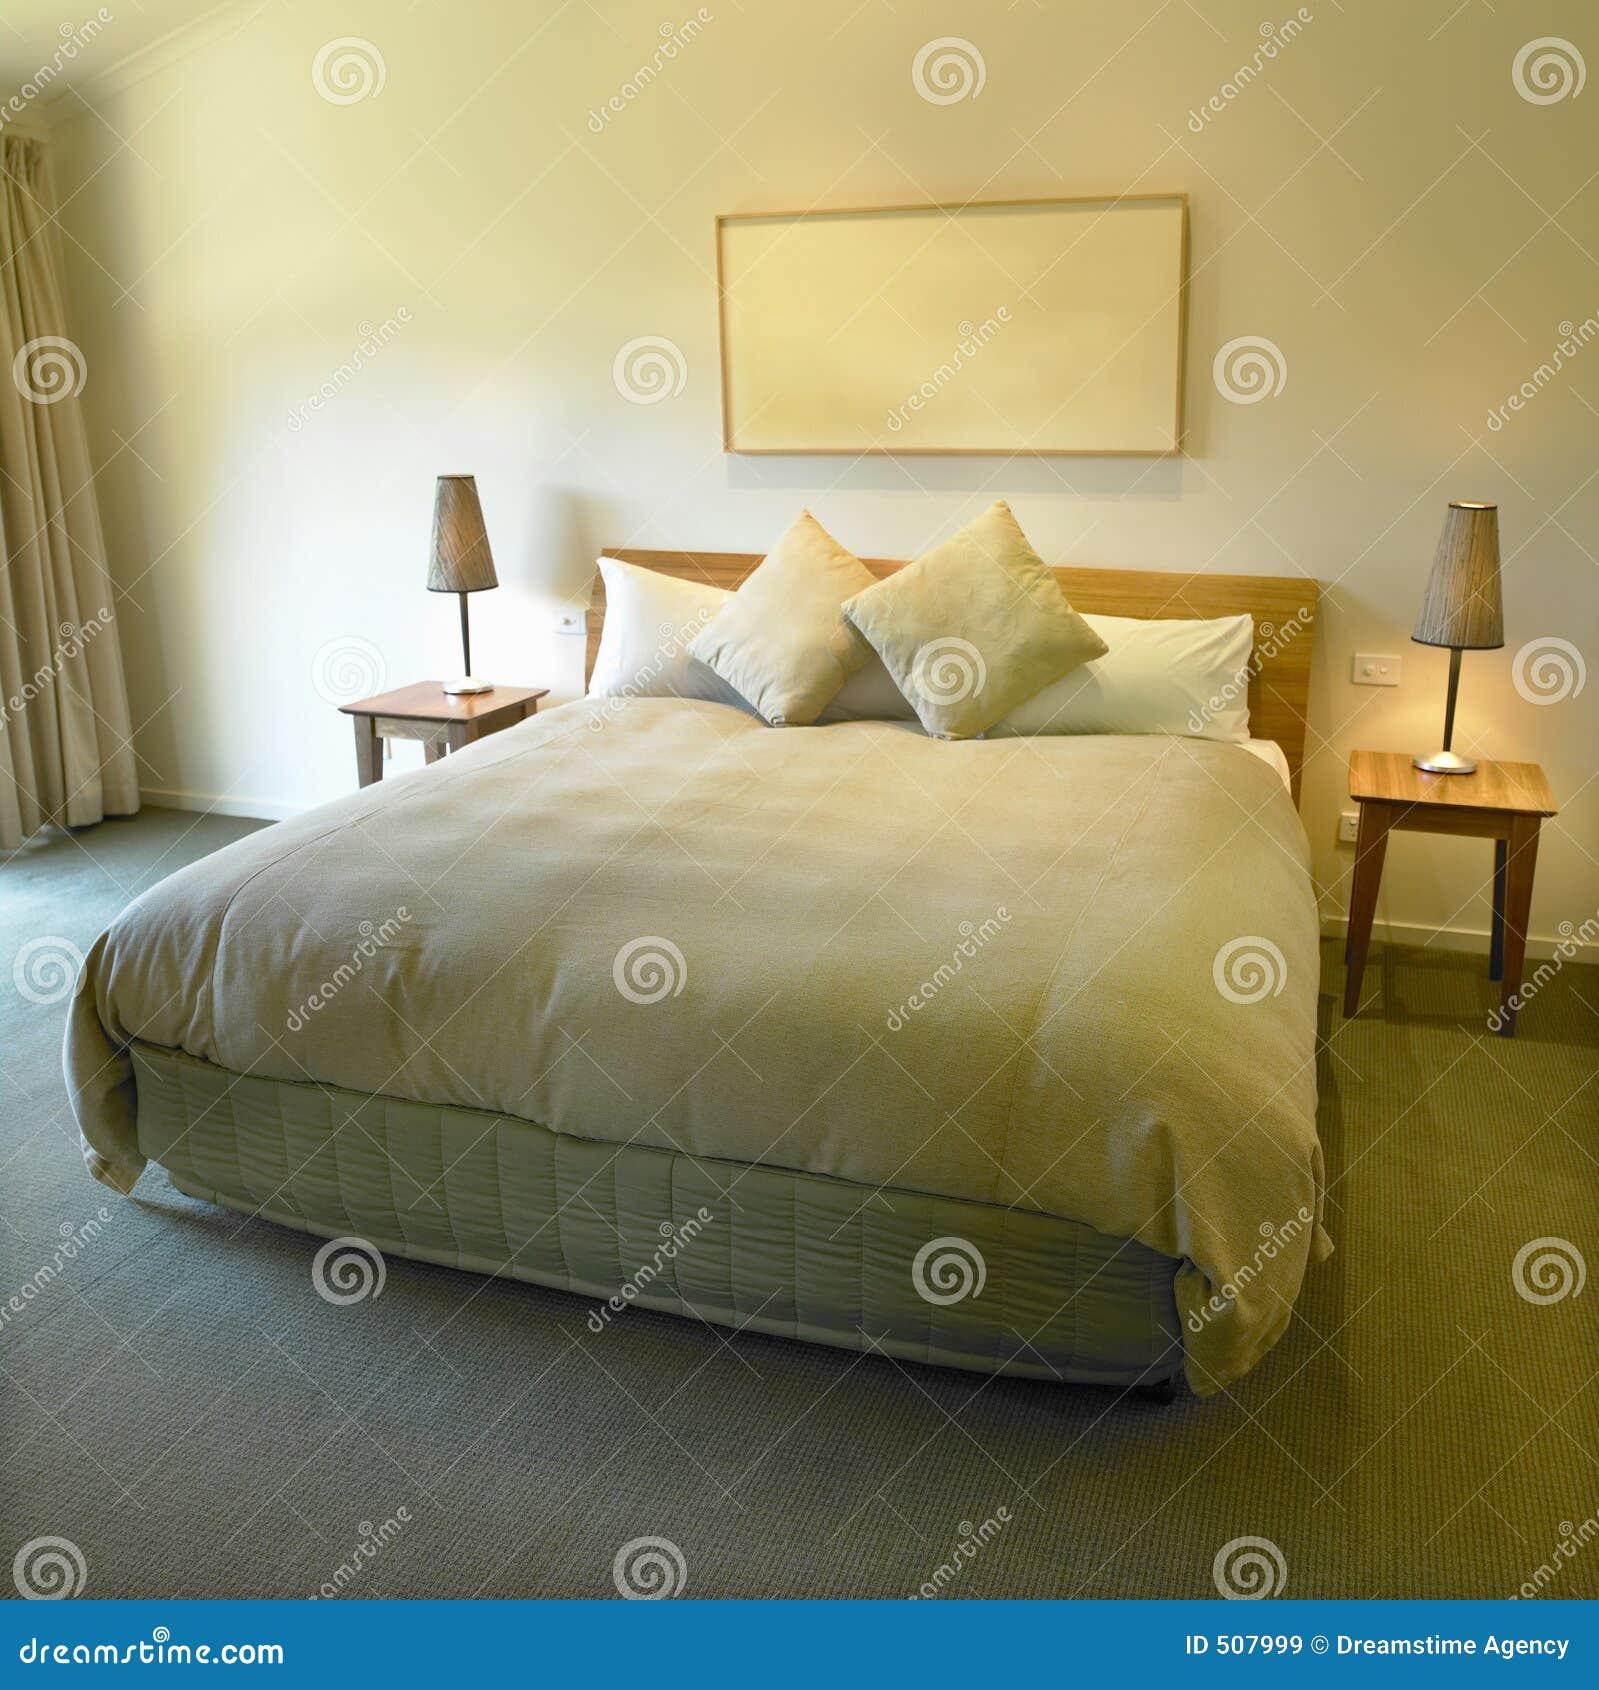 king size bed stock image image of light house modern 507999. Black Bedroom Furniture Sets. Home Design Ideas